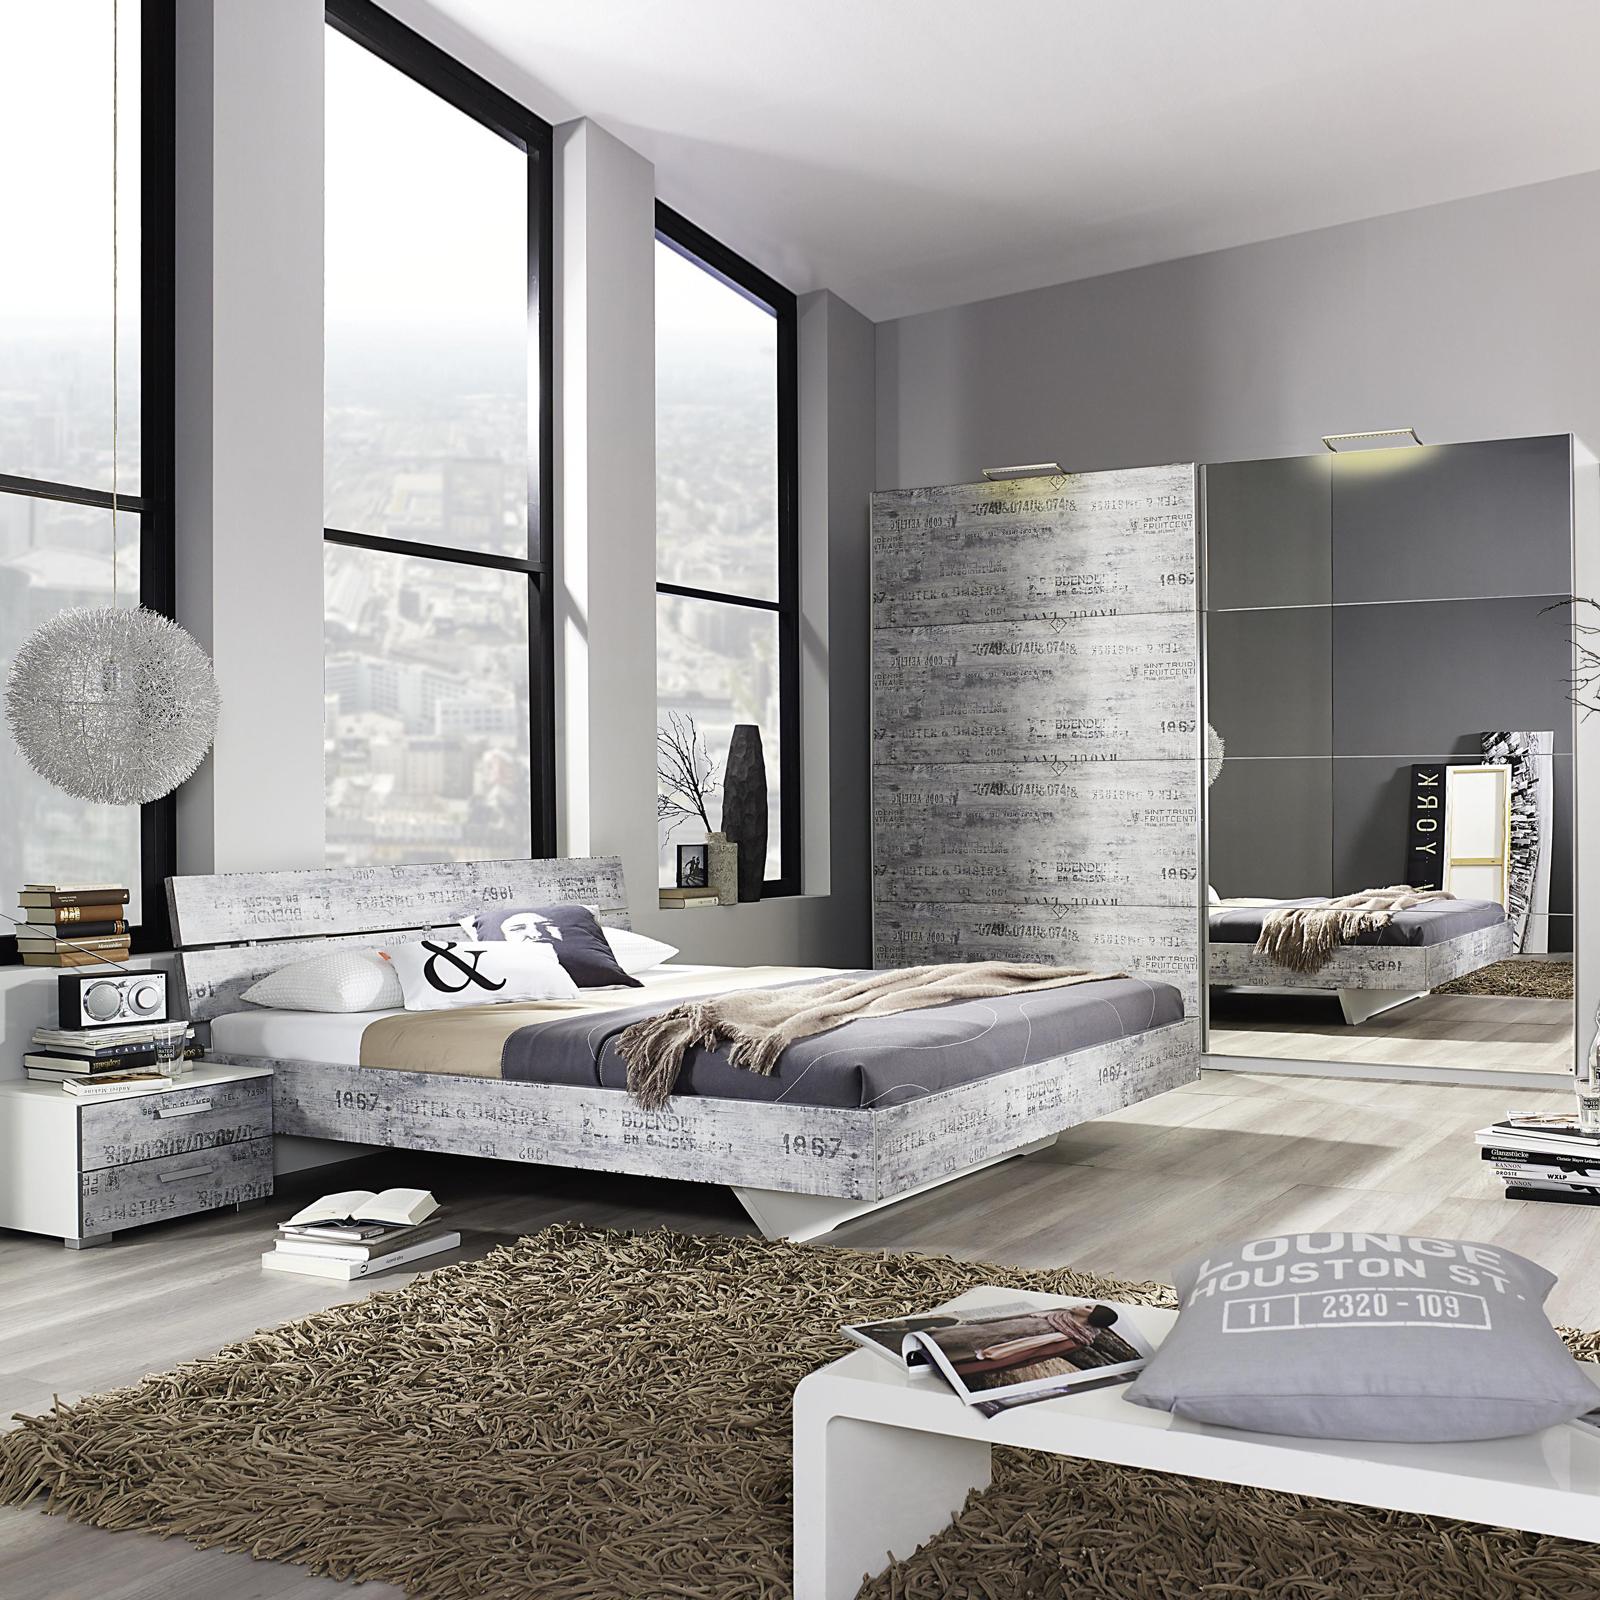 schlafzimmer sumatra extra bett kleiderschrank nachttisch alpinwei vintage grau ebay. Black Bedroom Furniture Sets. Home Design Ideas